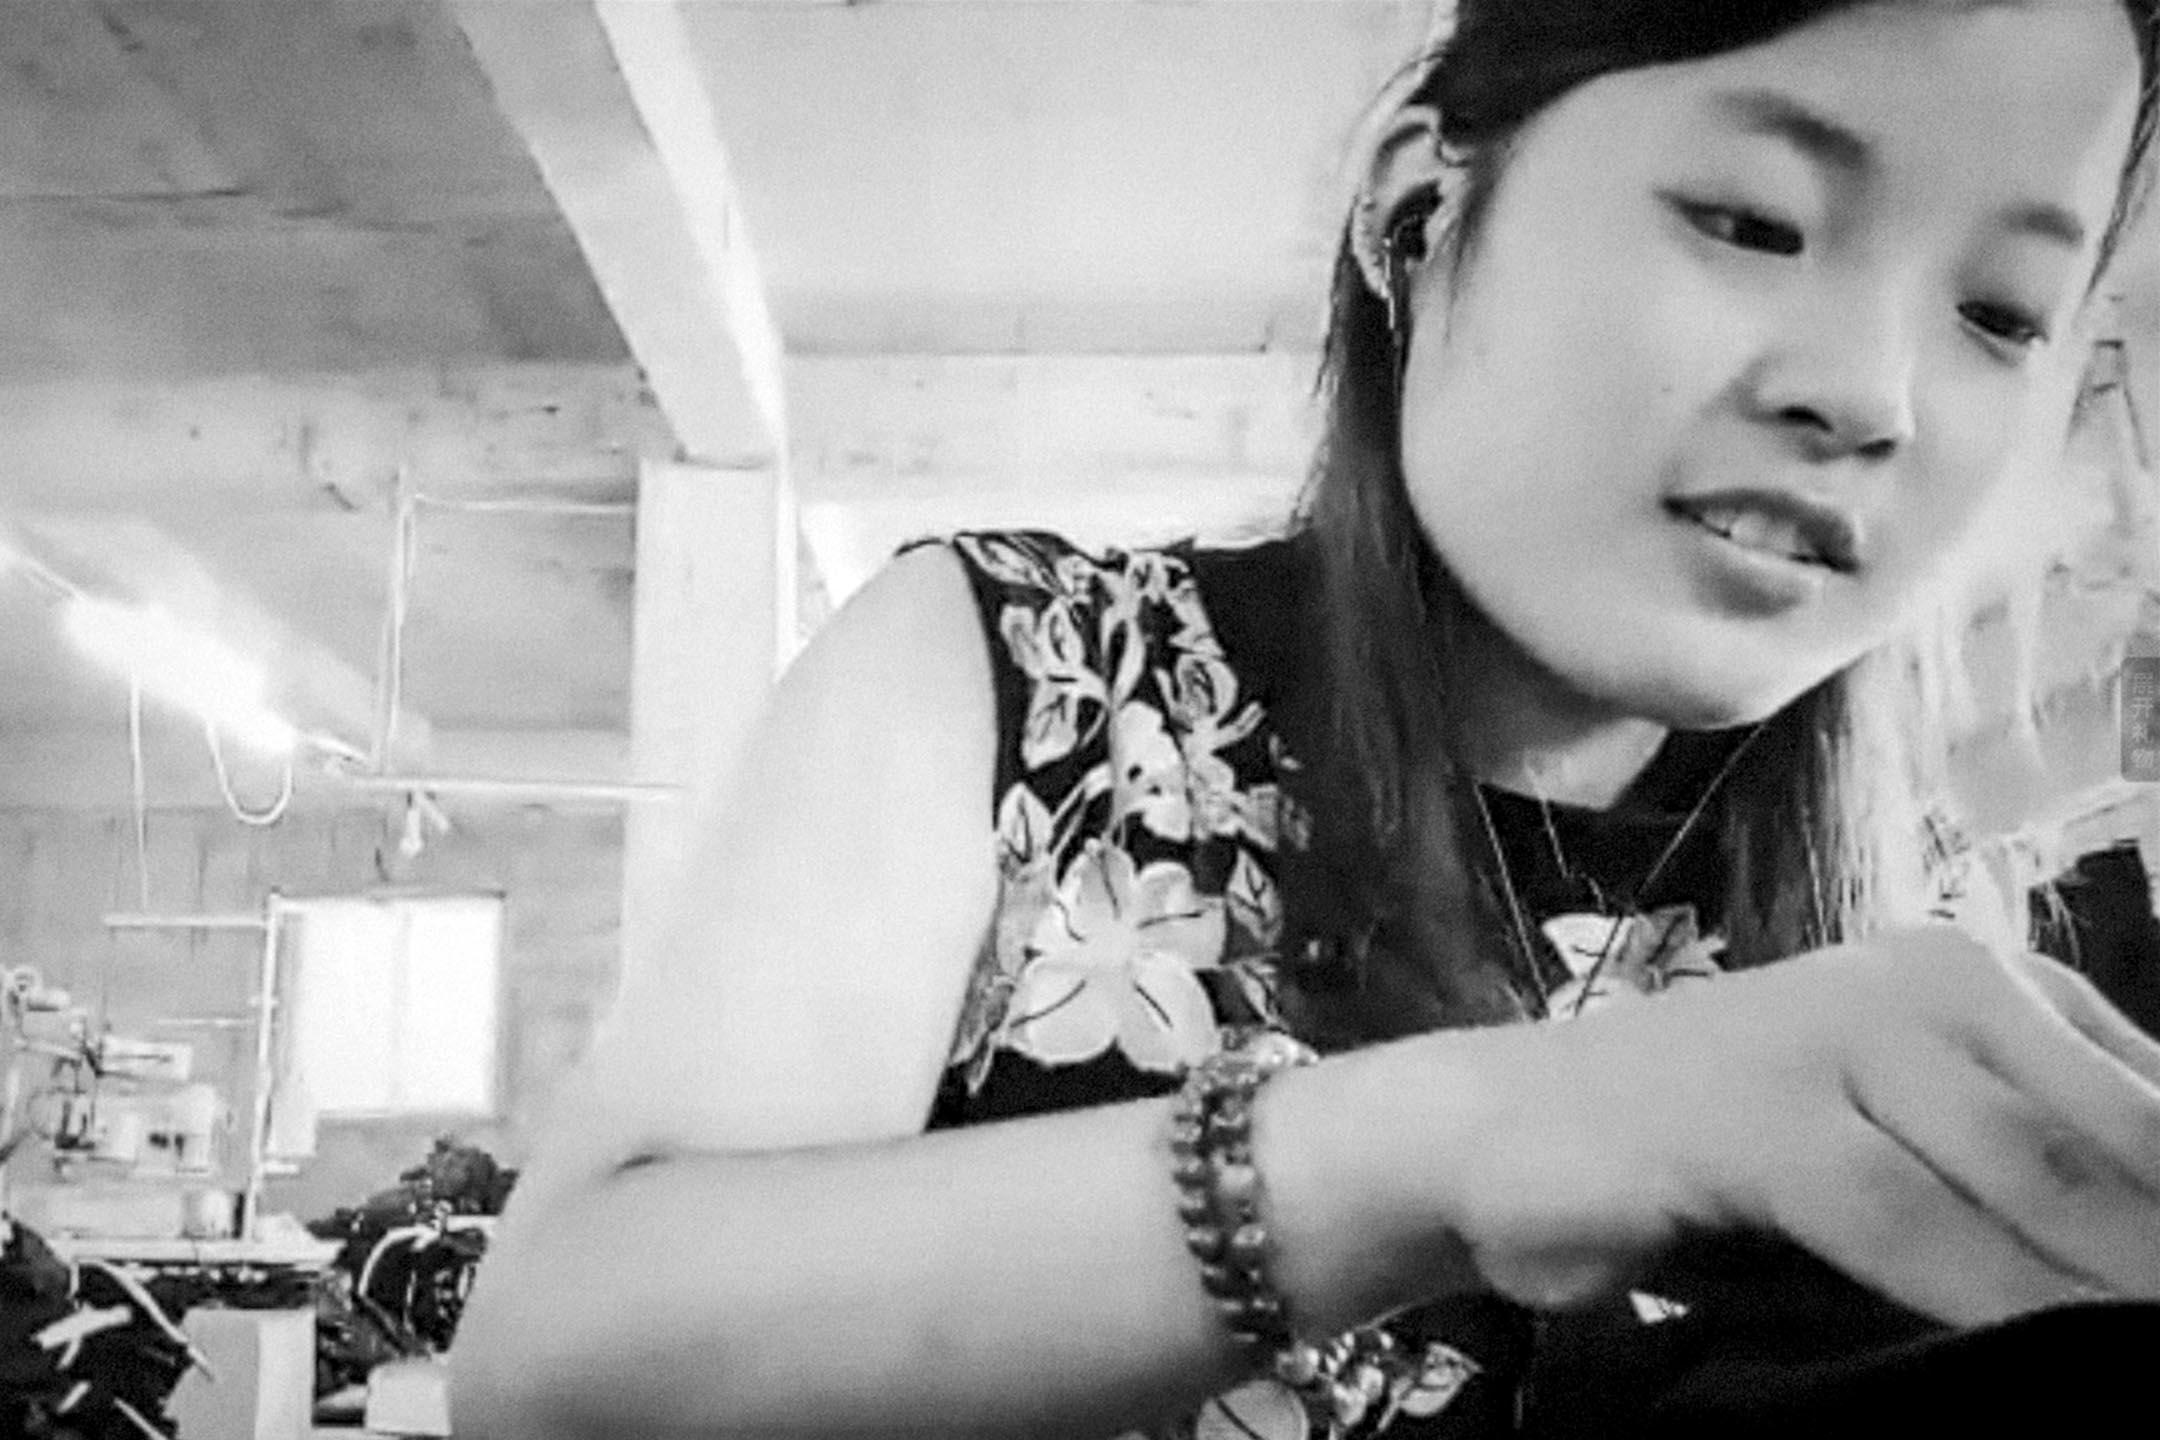 朱聲仄的最新作品《完美現在時》(Present.Perfect.,2019)全由網路直播畫面剪接而成,帶有紀錄片本色,主題聚焦於中國當前火紅的直播現象。 圖:受訪者提供